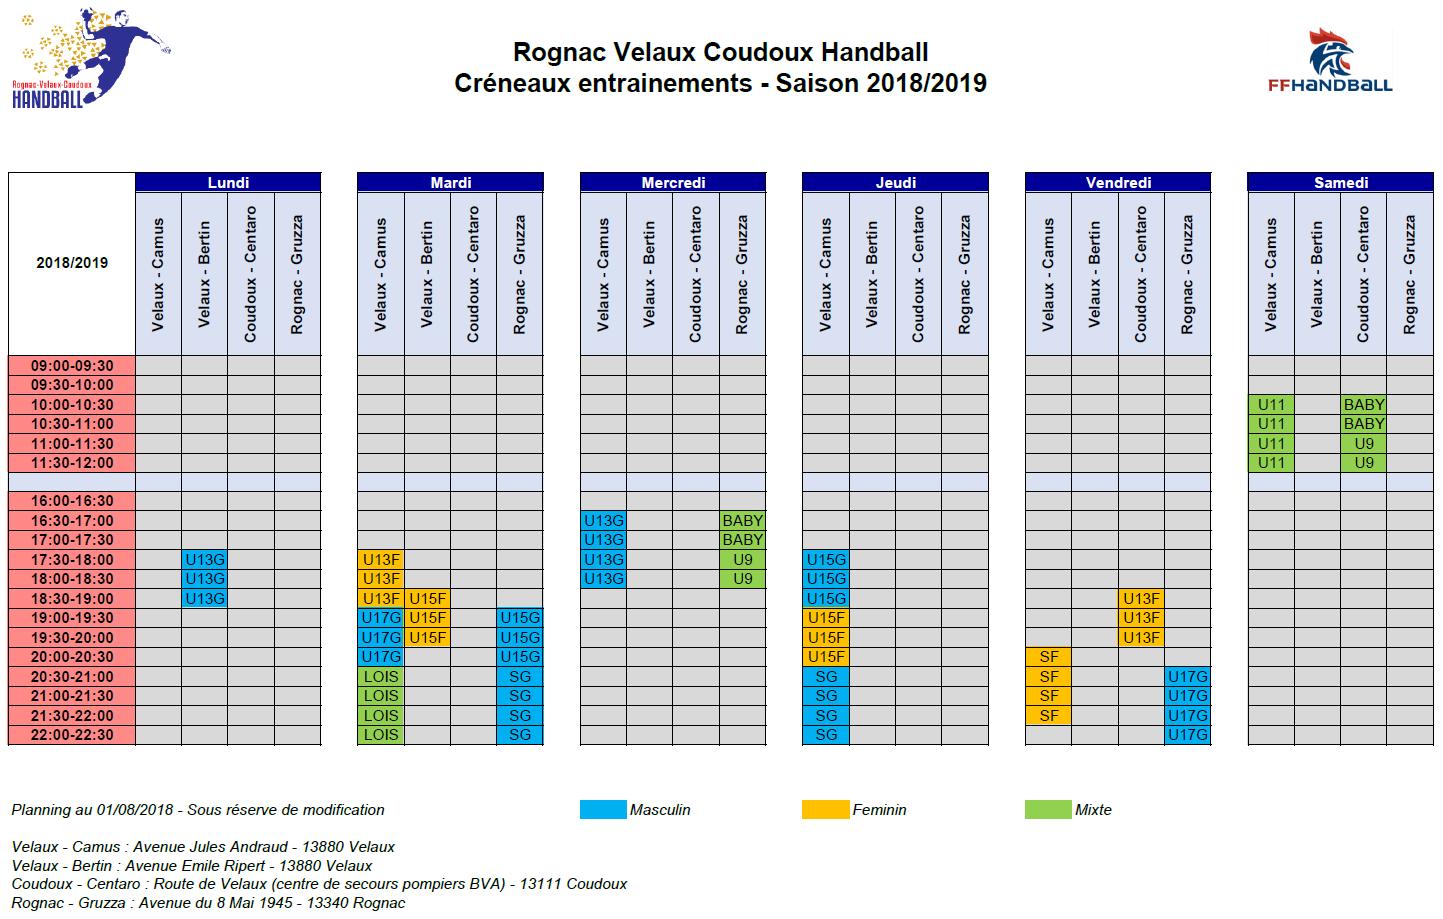 créneaux entrainement RVCH 2018 2019